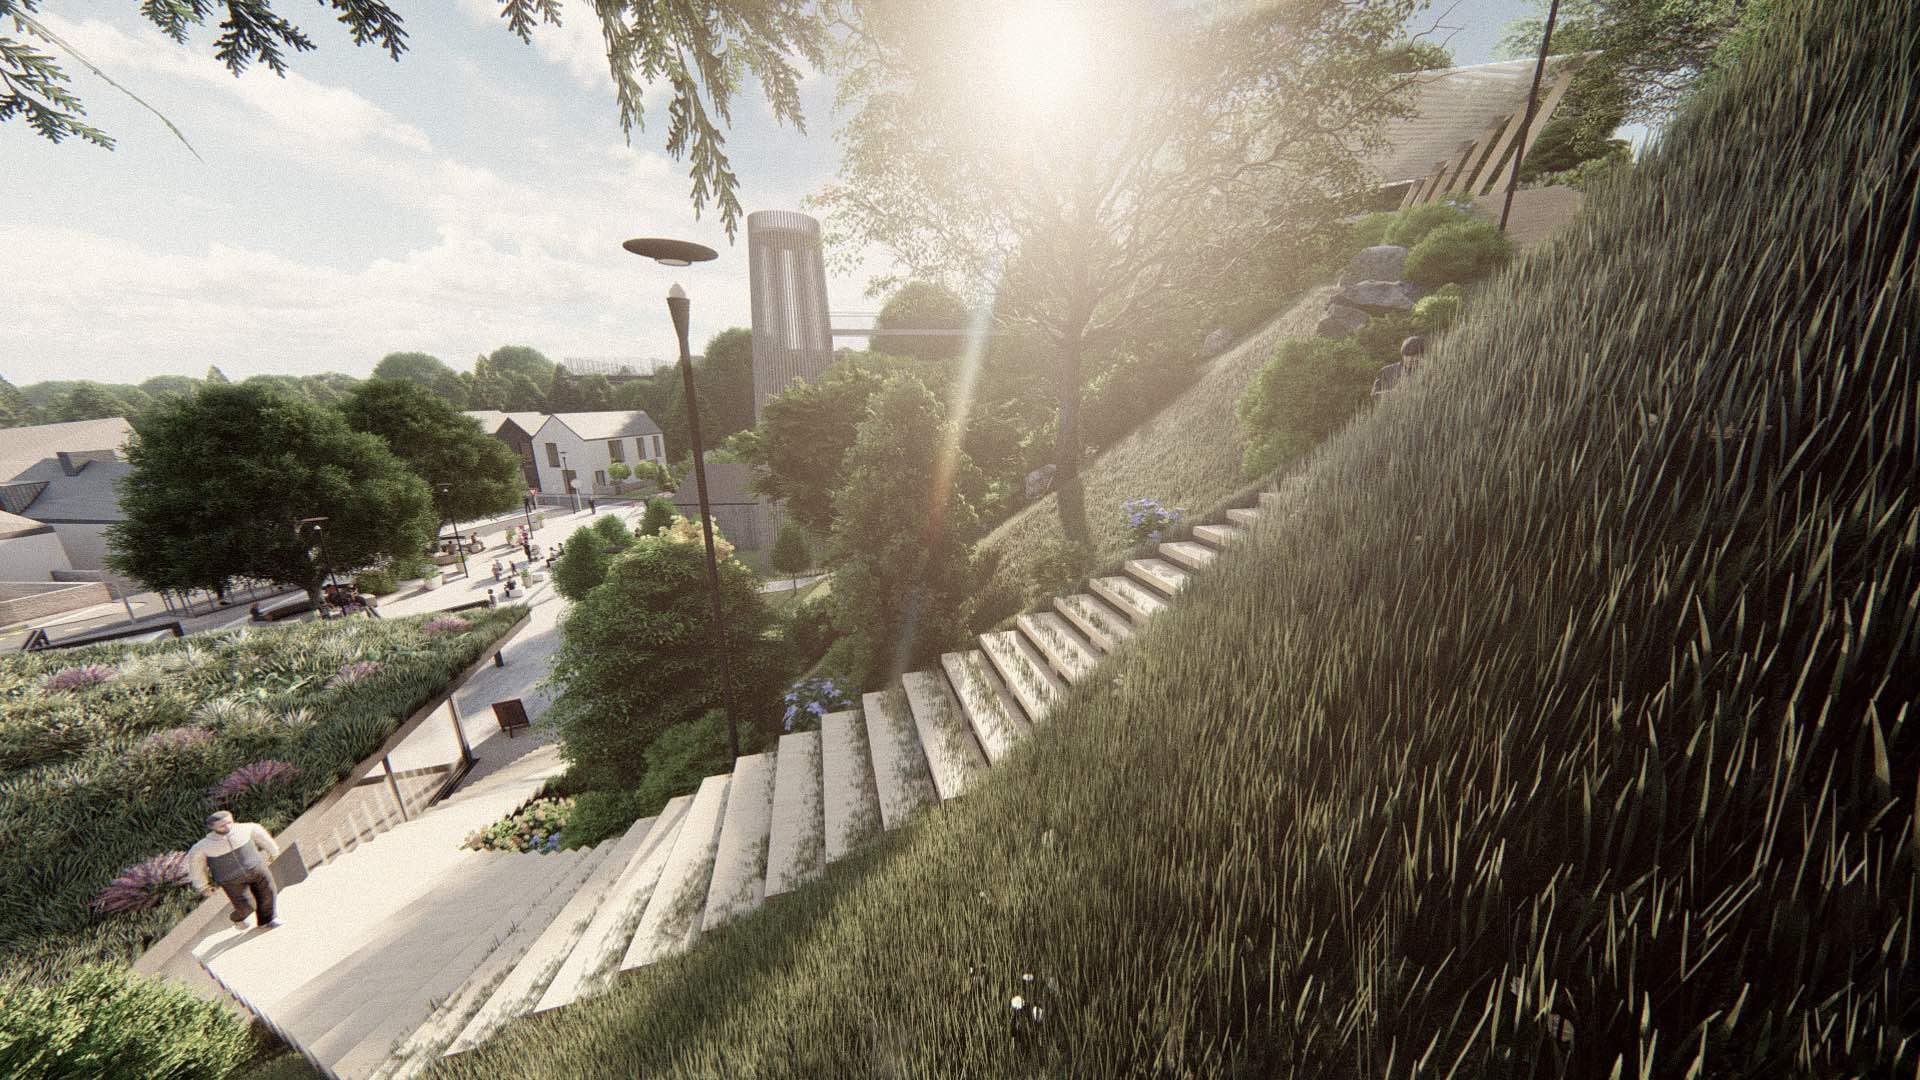 Rezidence Jenerálka KKCG - vizualizace schodiště na vyhlídku. Autor: Kurz architekti